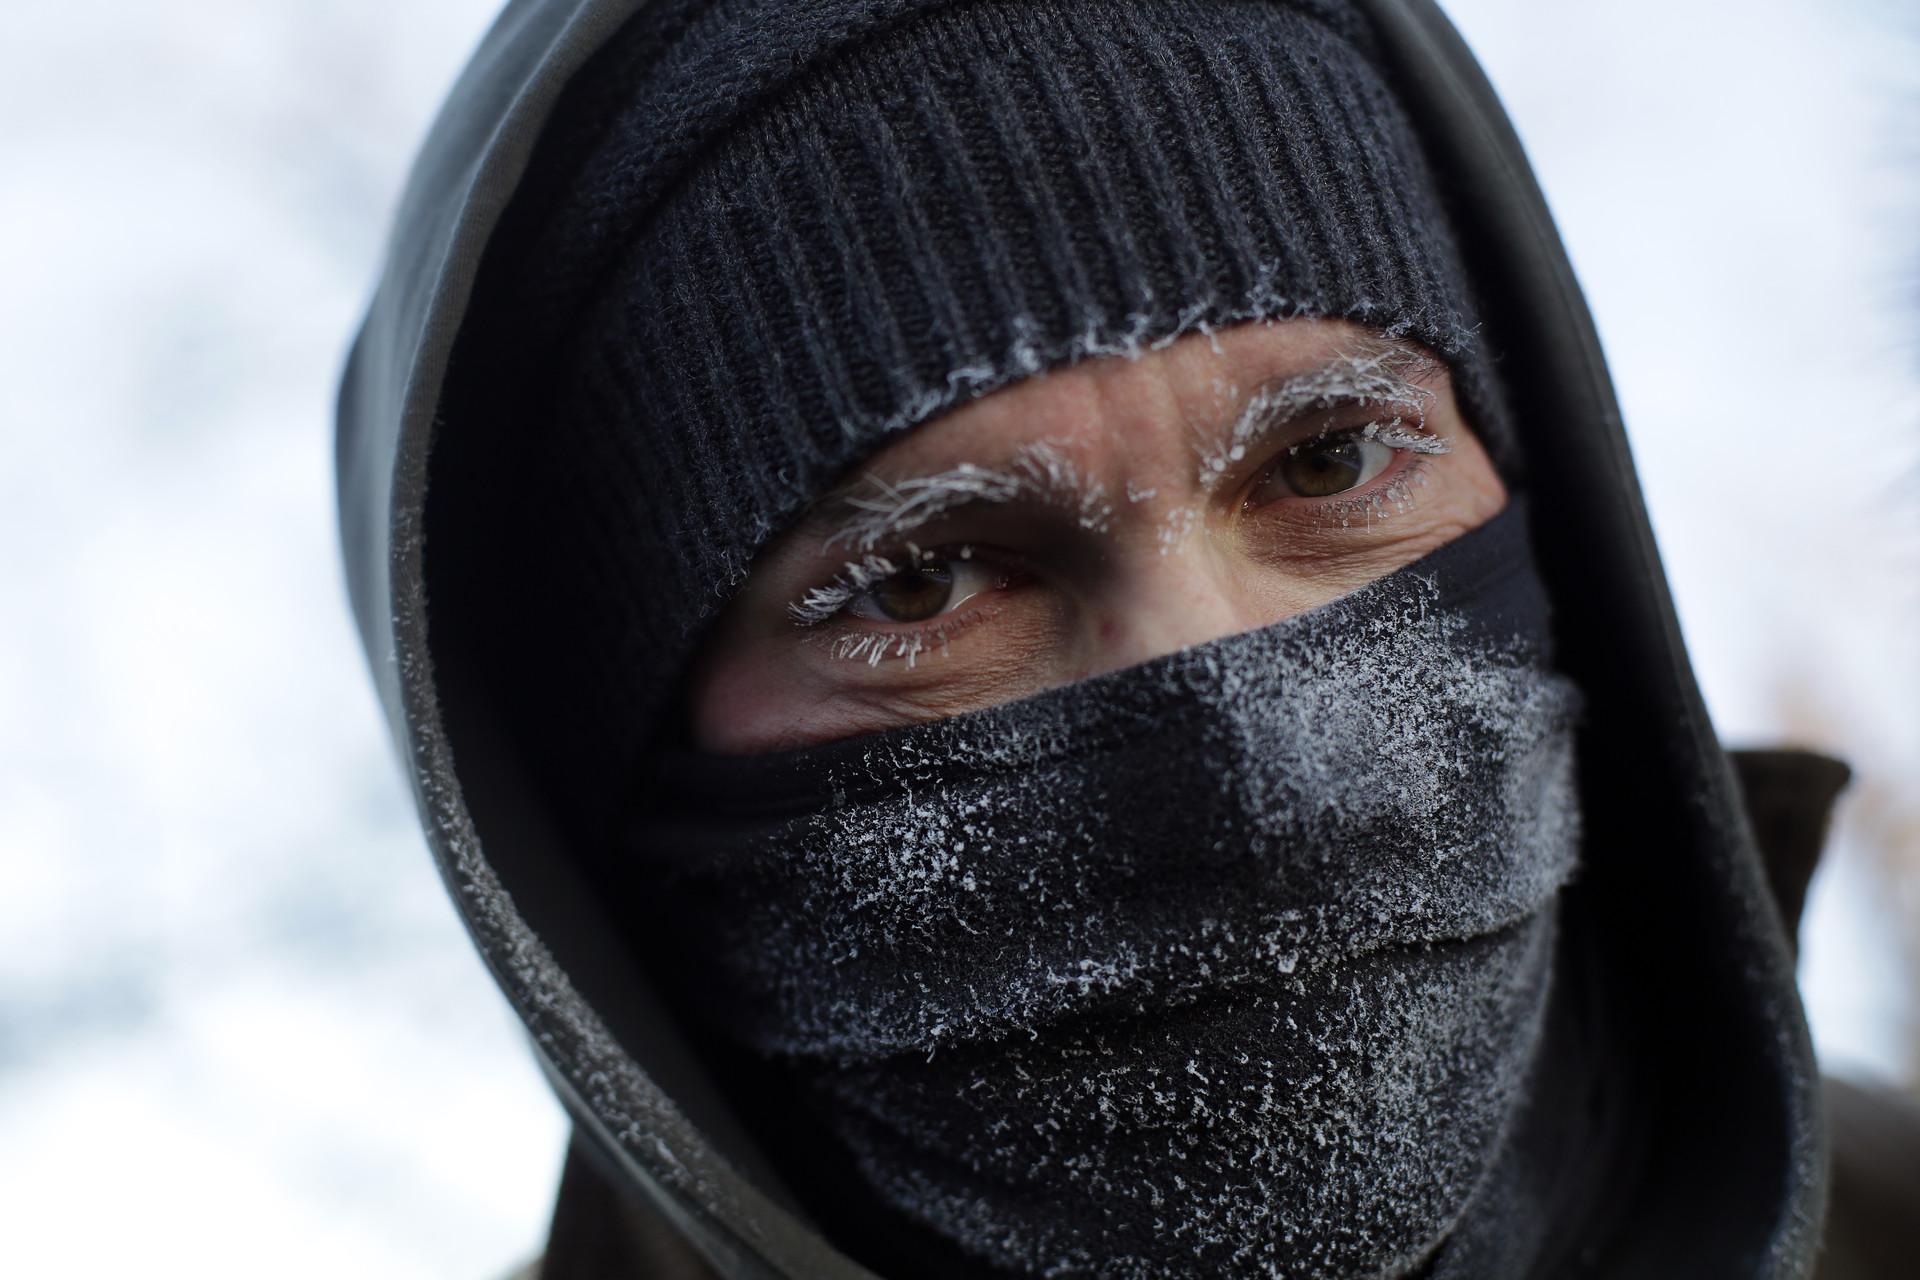 Peor que en la Antártida, el temido Vórtice polar 5c54cdc8e9180f5e668b4567